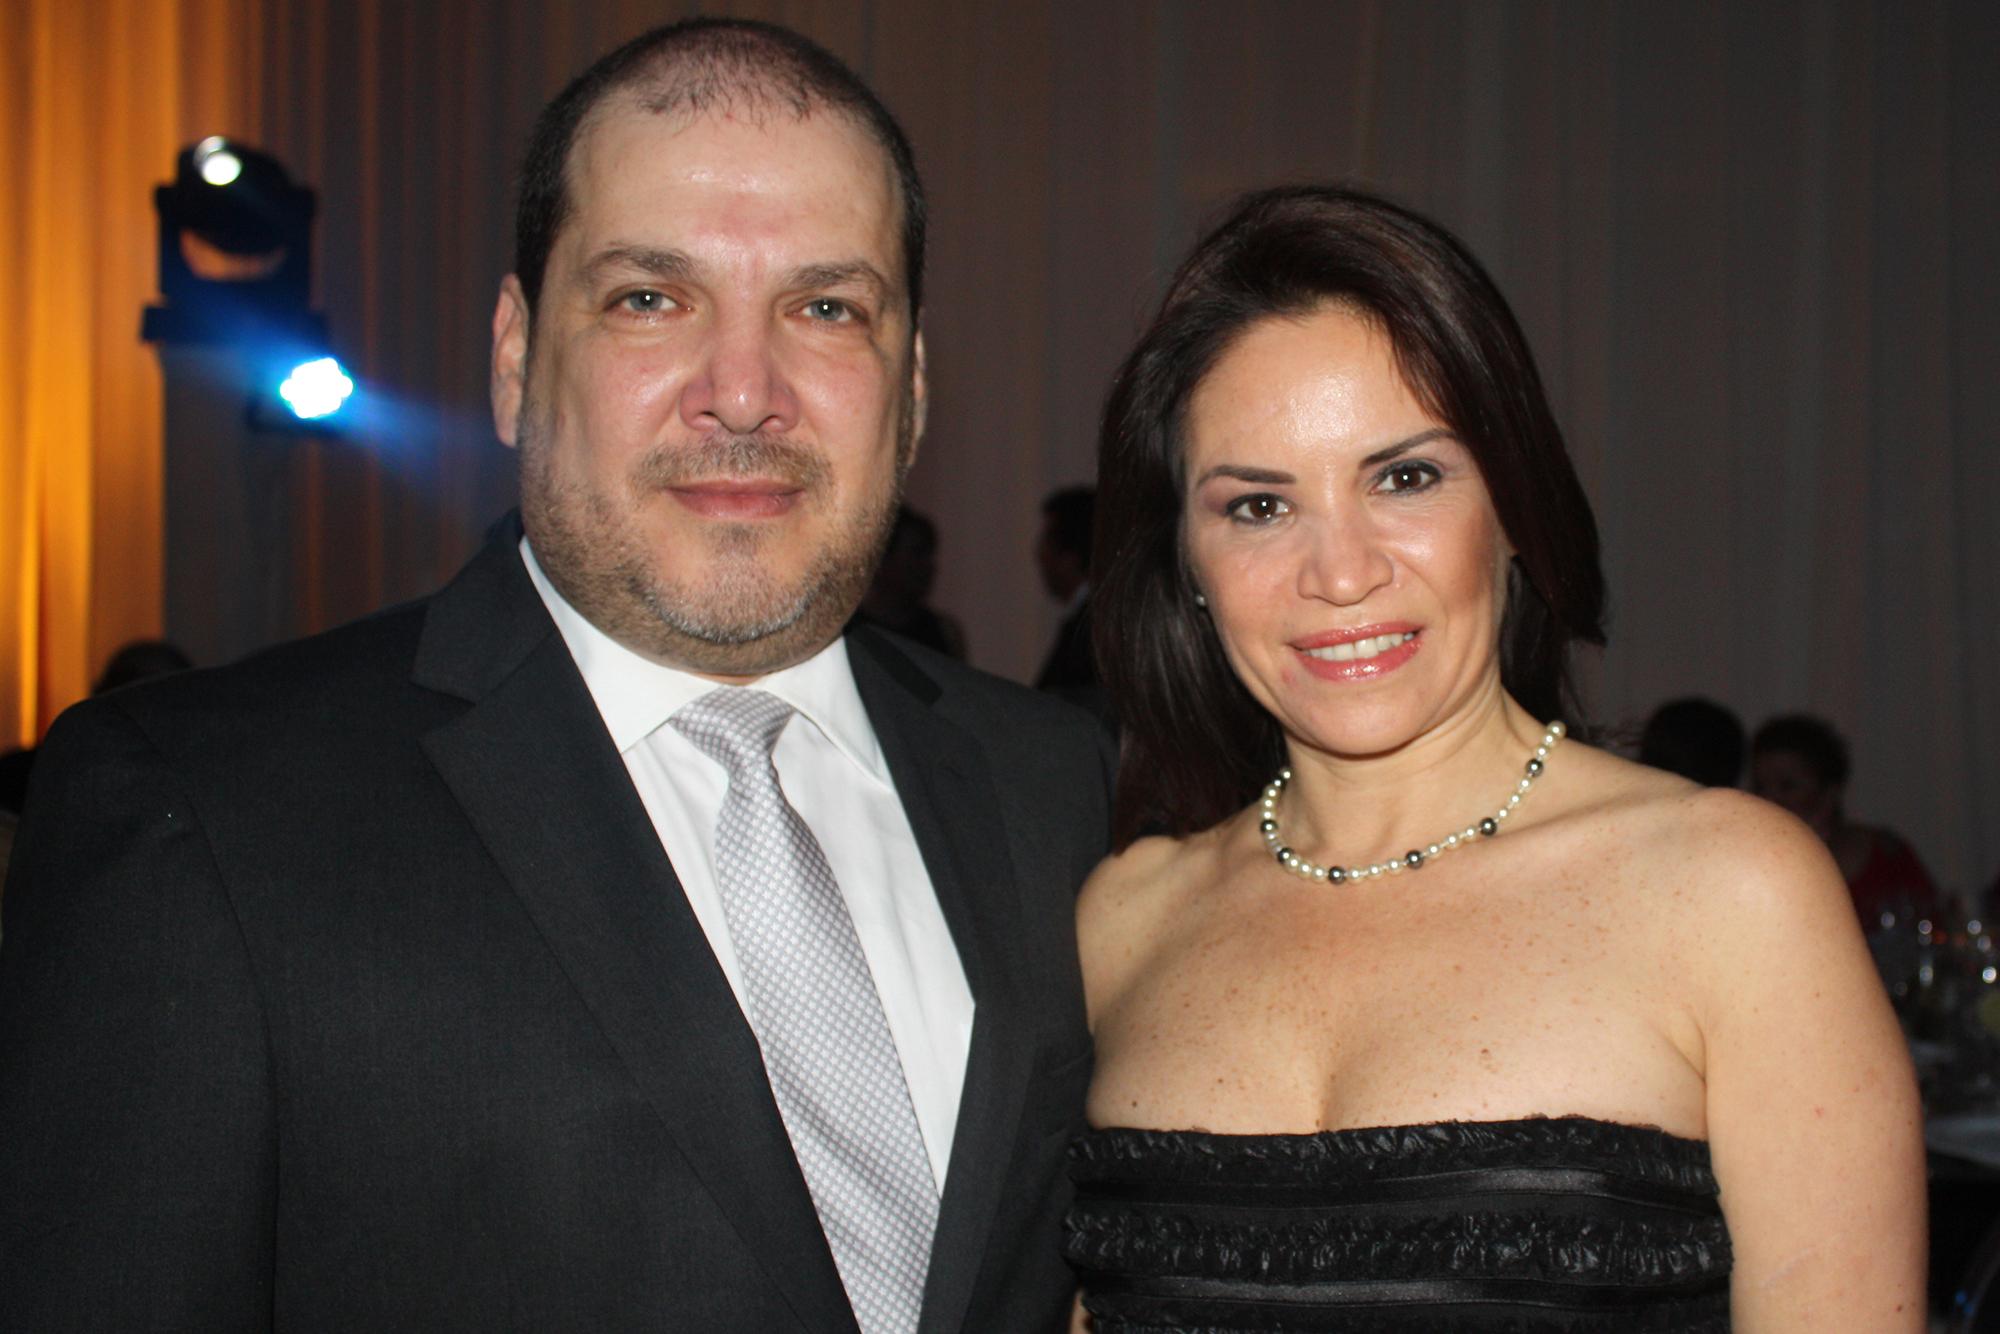 Iván Hillman y Mónica Robles